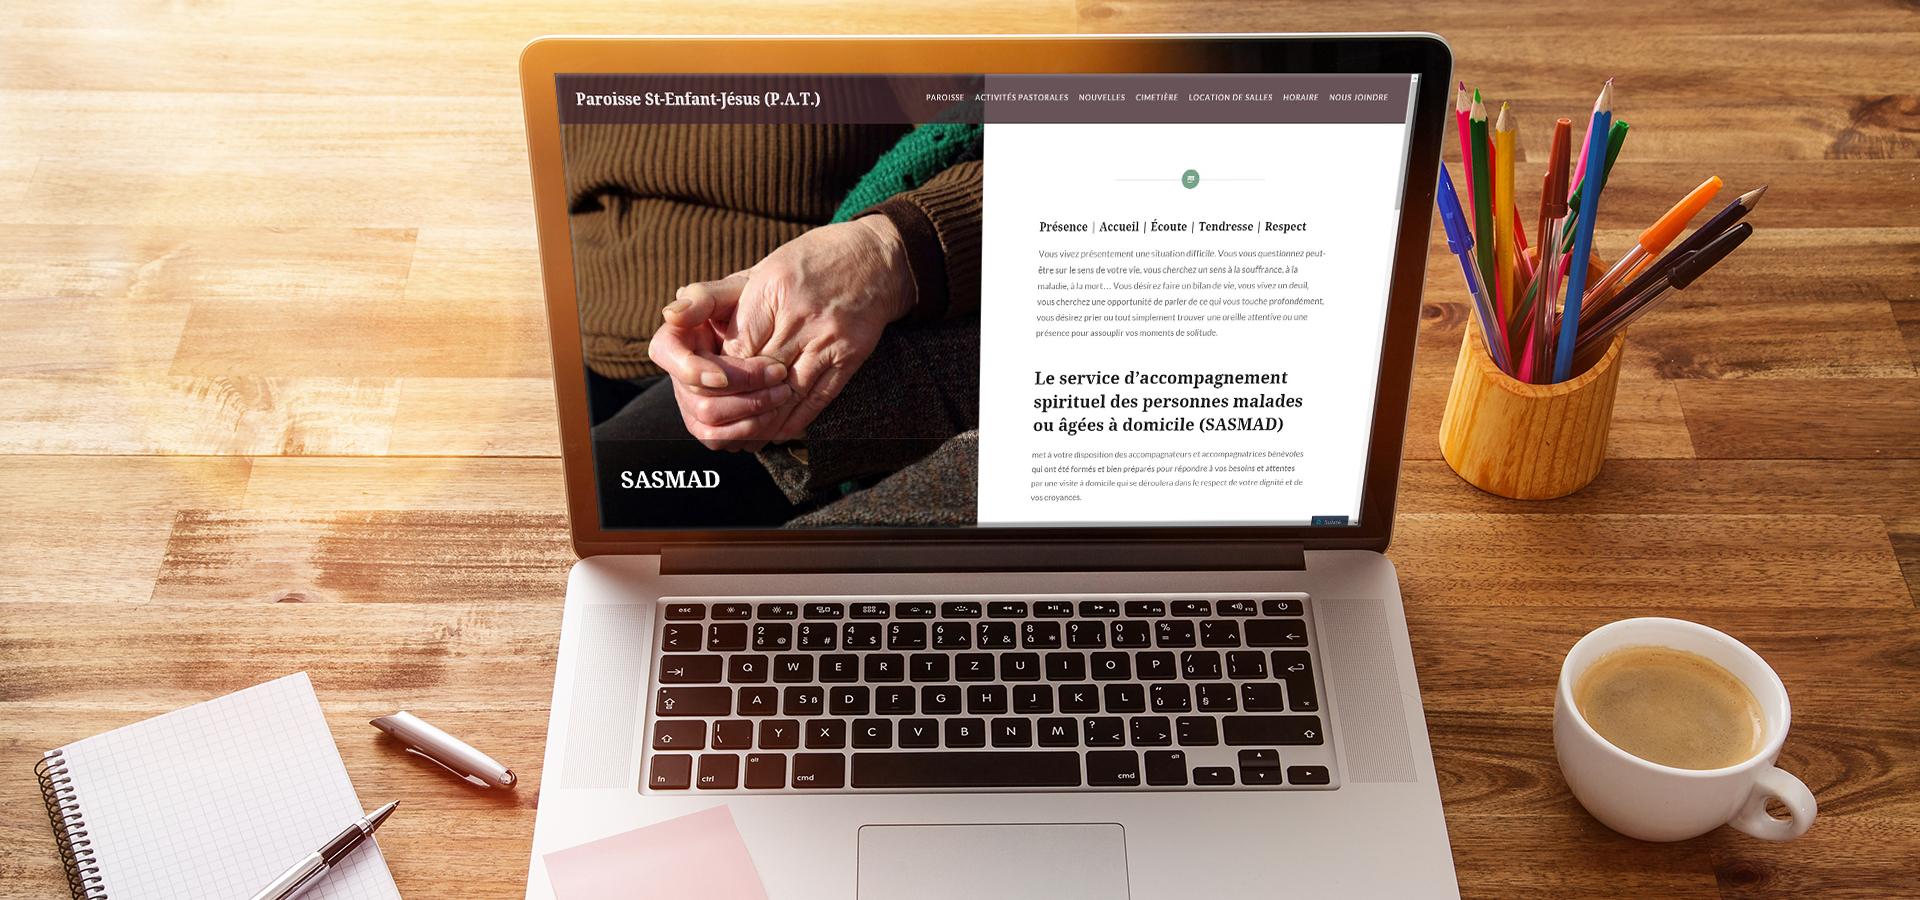 Paroisse-sej website on a laptop on a desk